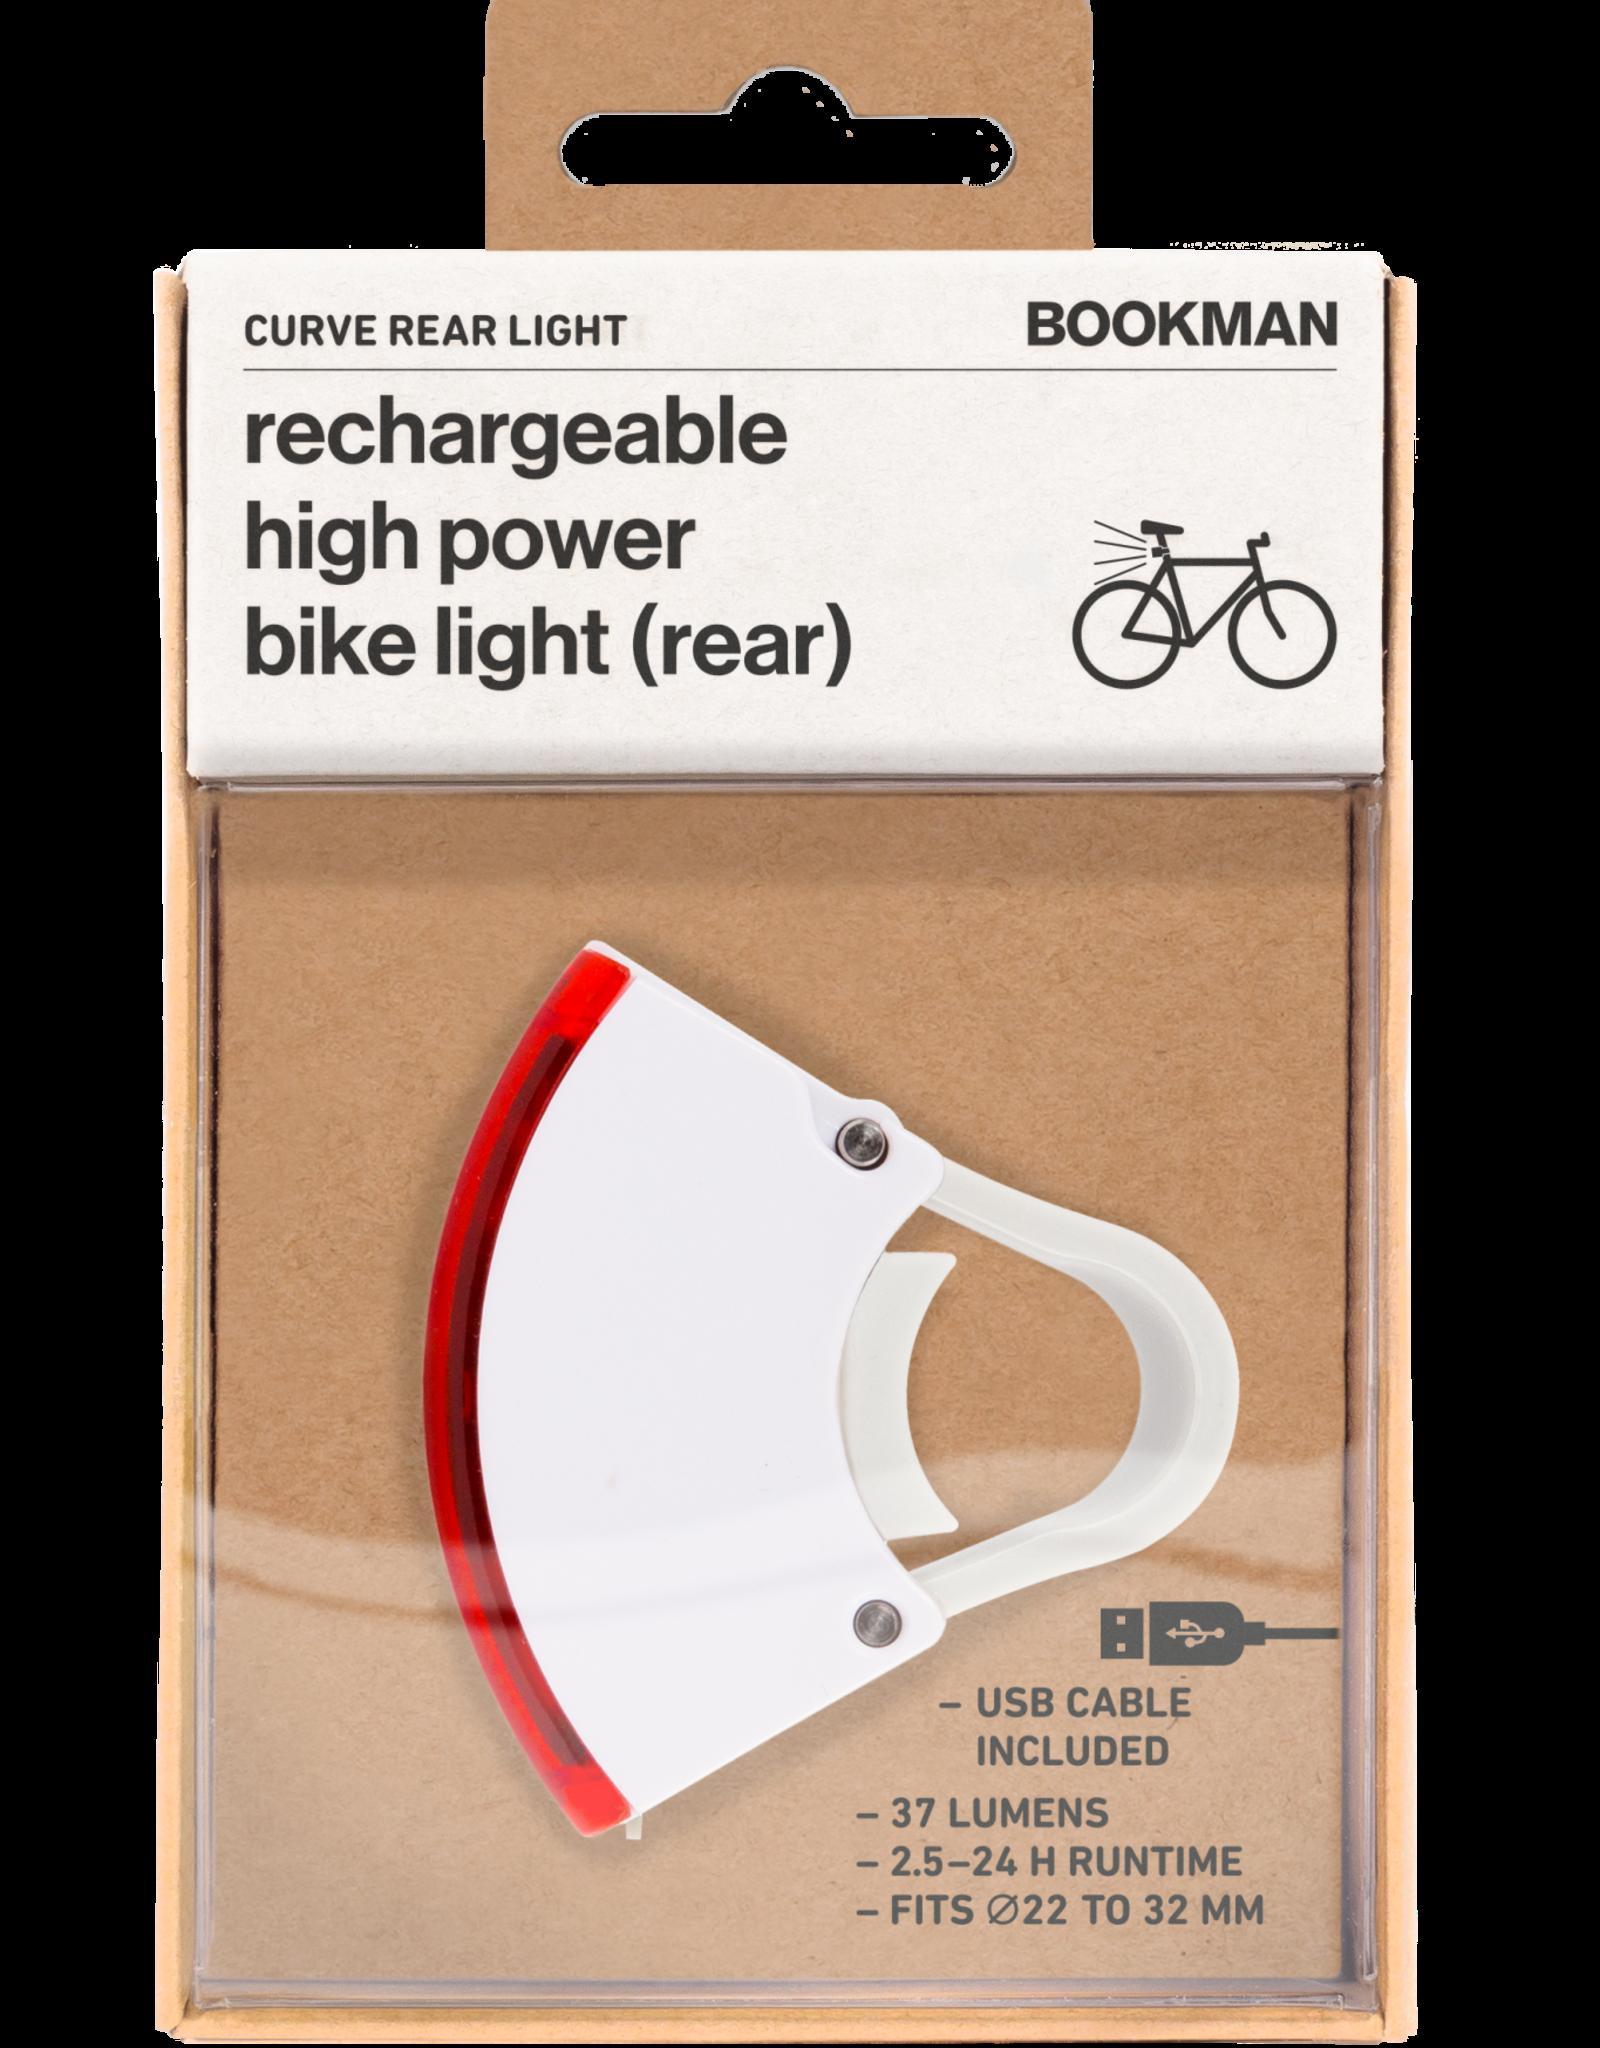 Bookman Curve rear light